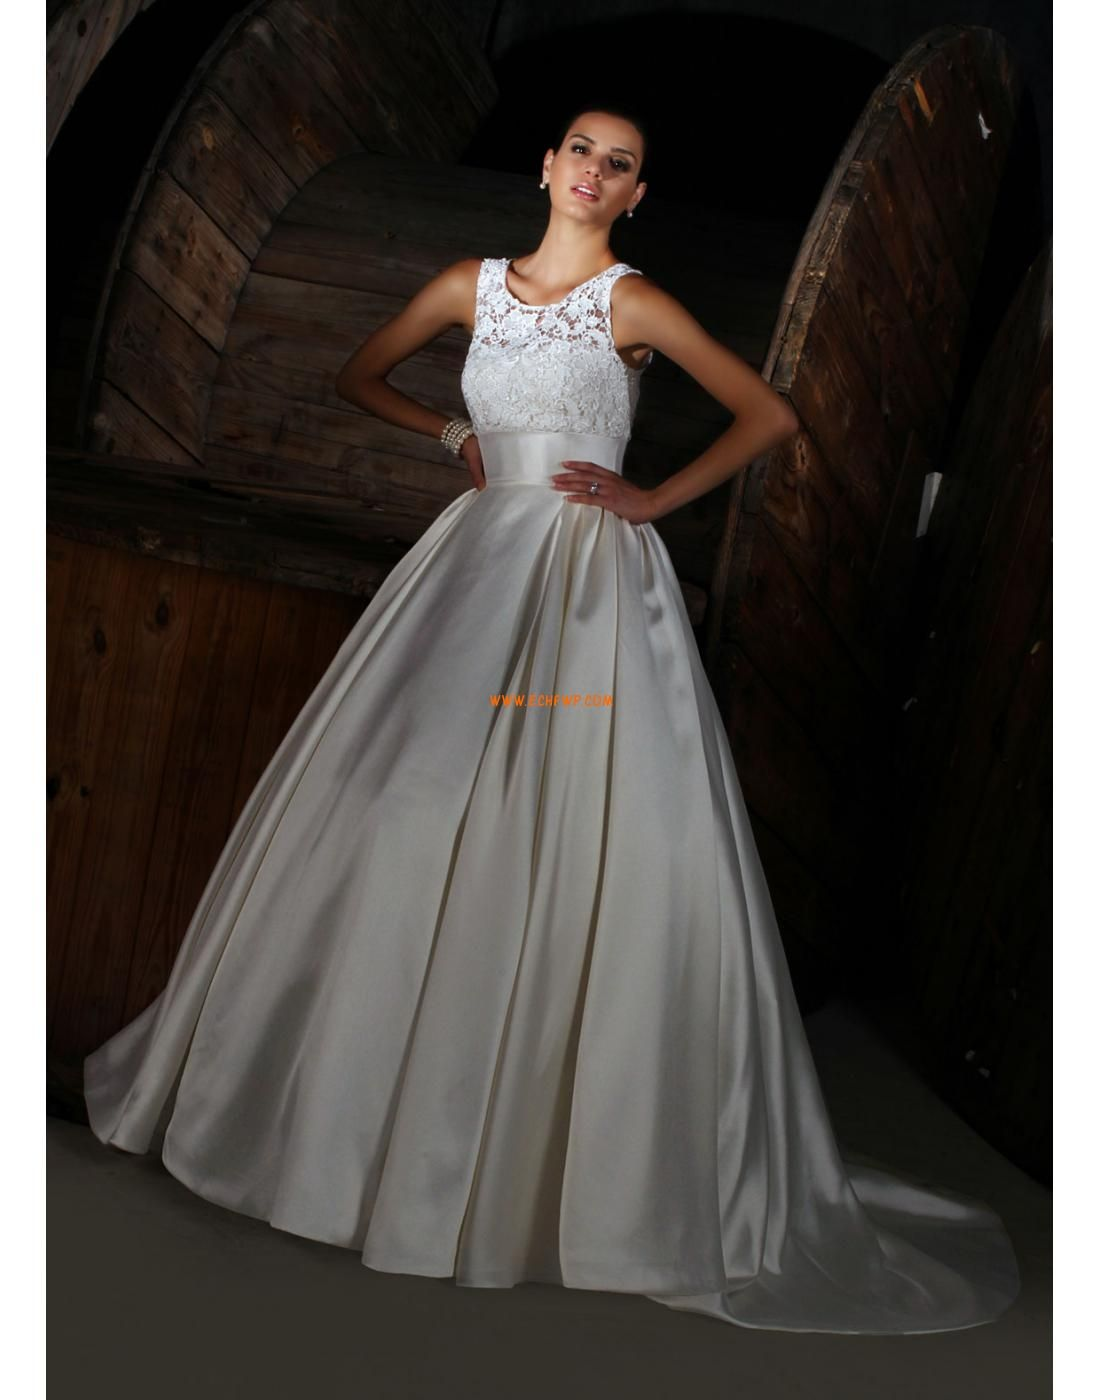 Plus size retro wedding dresses  Glittra u Skin Elegant u Lyxig Ärmlös Bröllopsklänningar